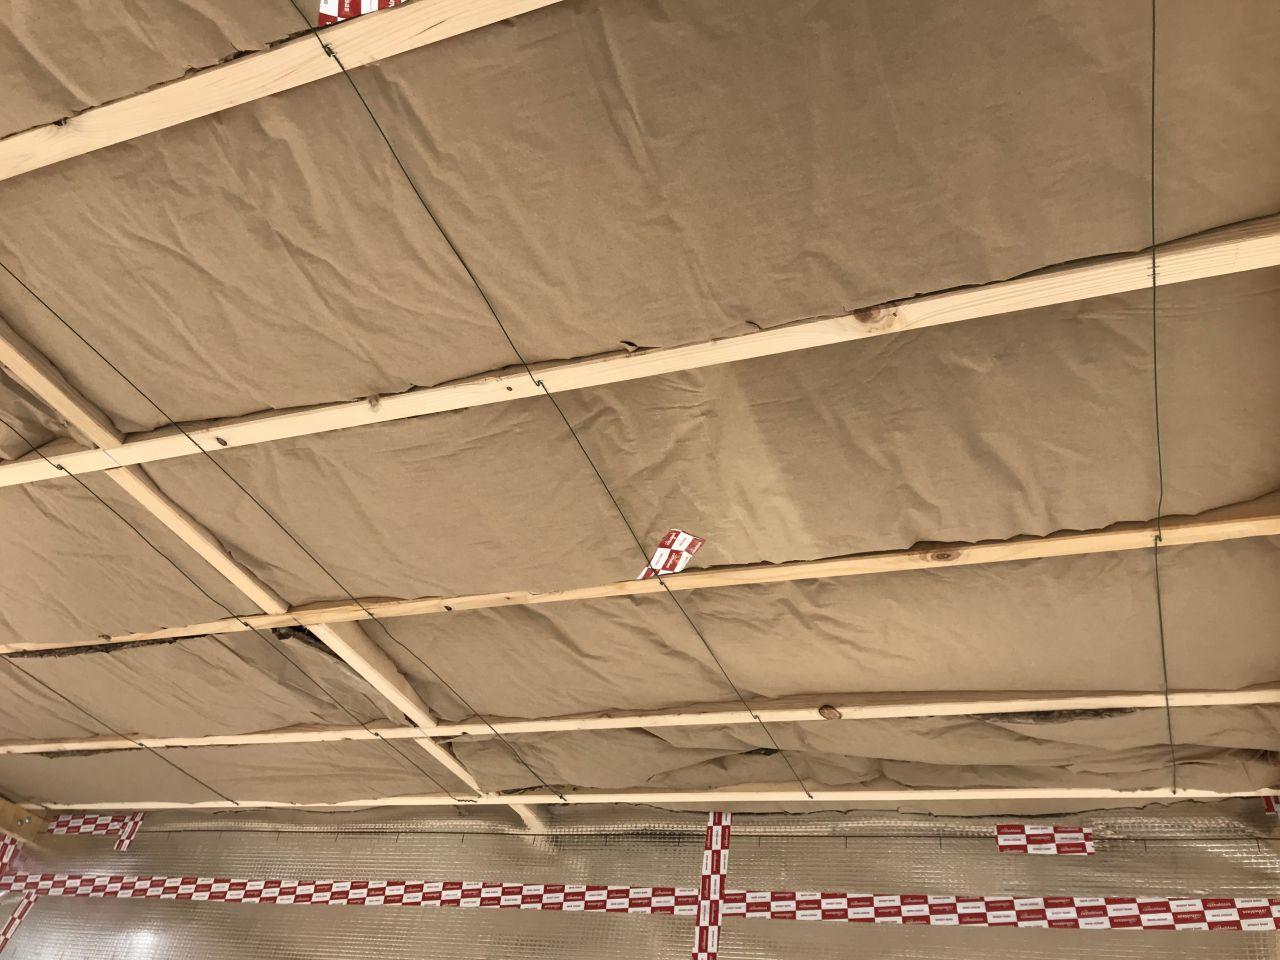 isolation sous-plancher étage en laine de verre Knauf insulation 200mm (Liant naturel sans formaldéhyde ni phénol)